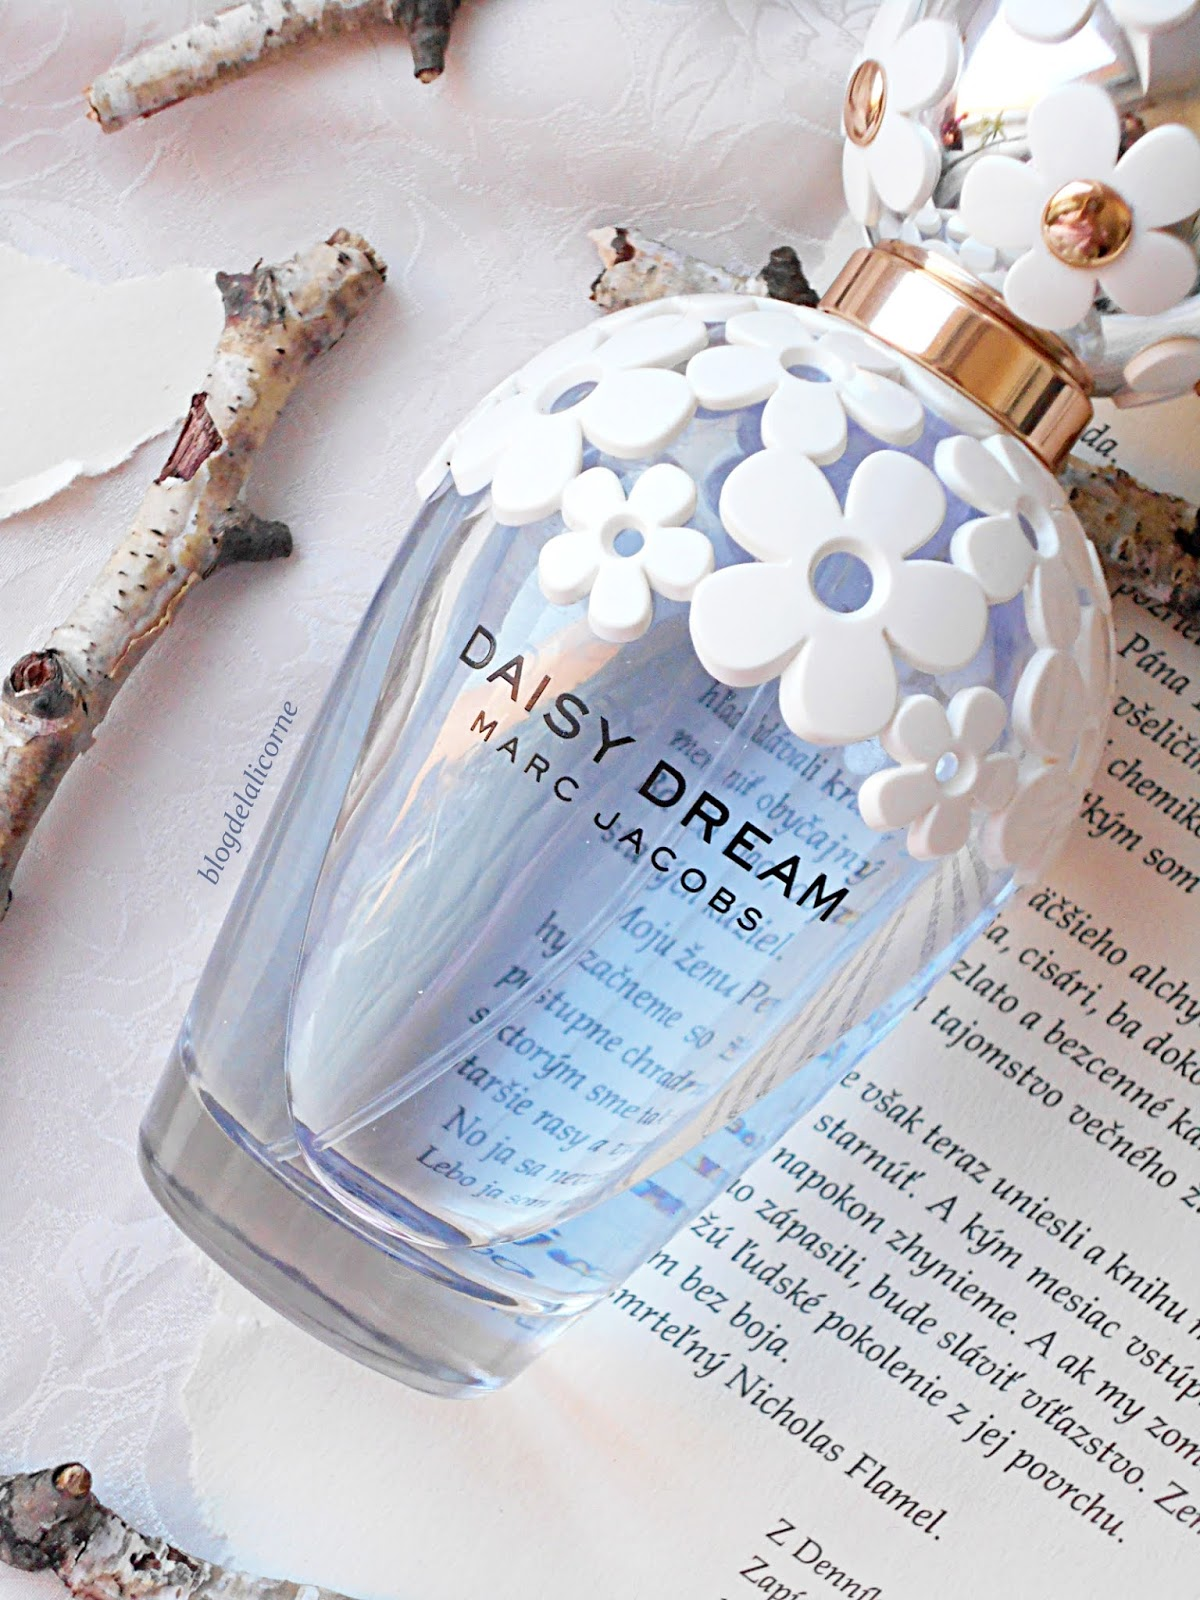 Marc Jacobs Daisy Dream toaletná voda pre ženy recenzia Blog de la Licorne